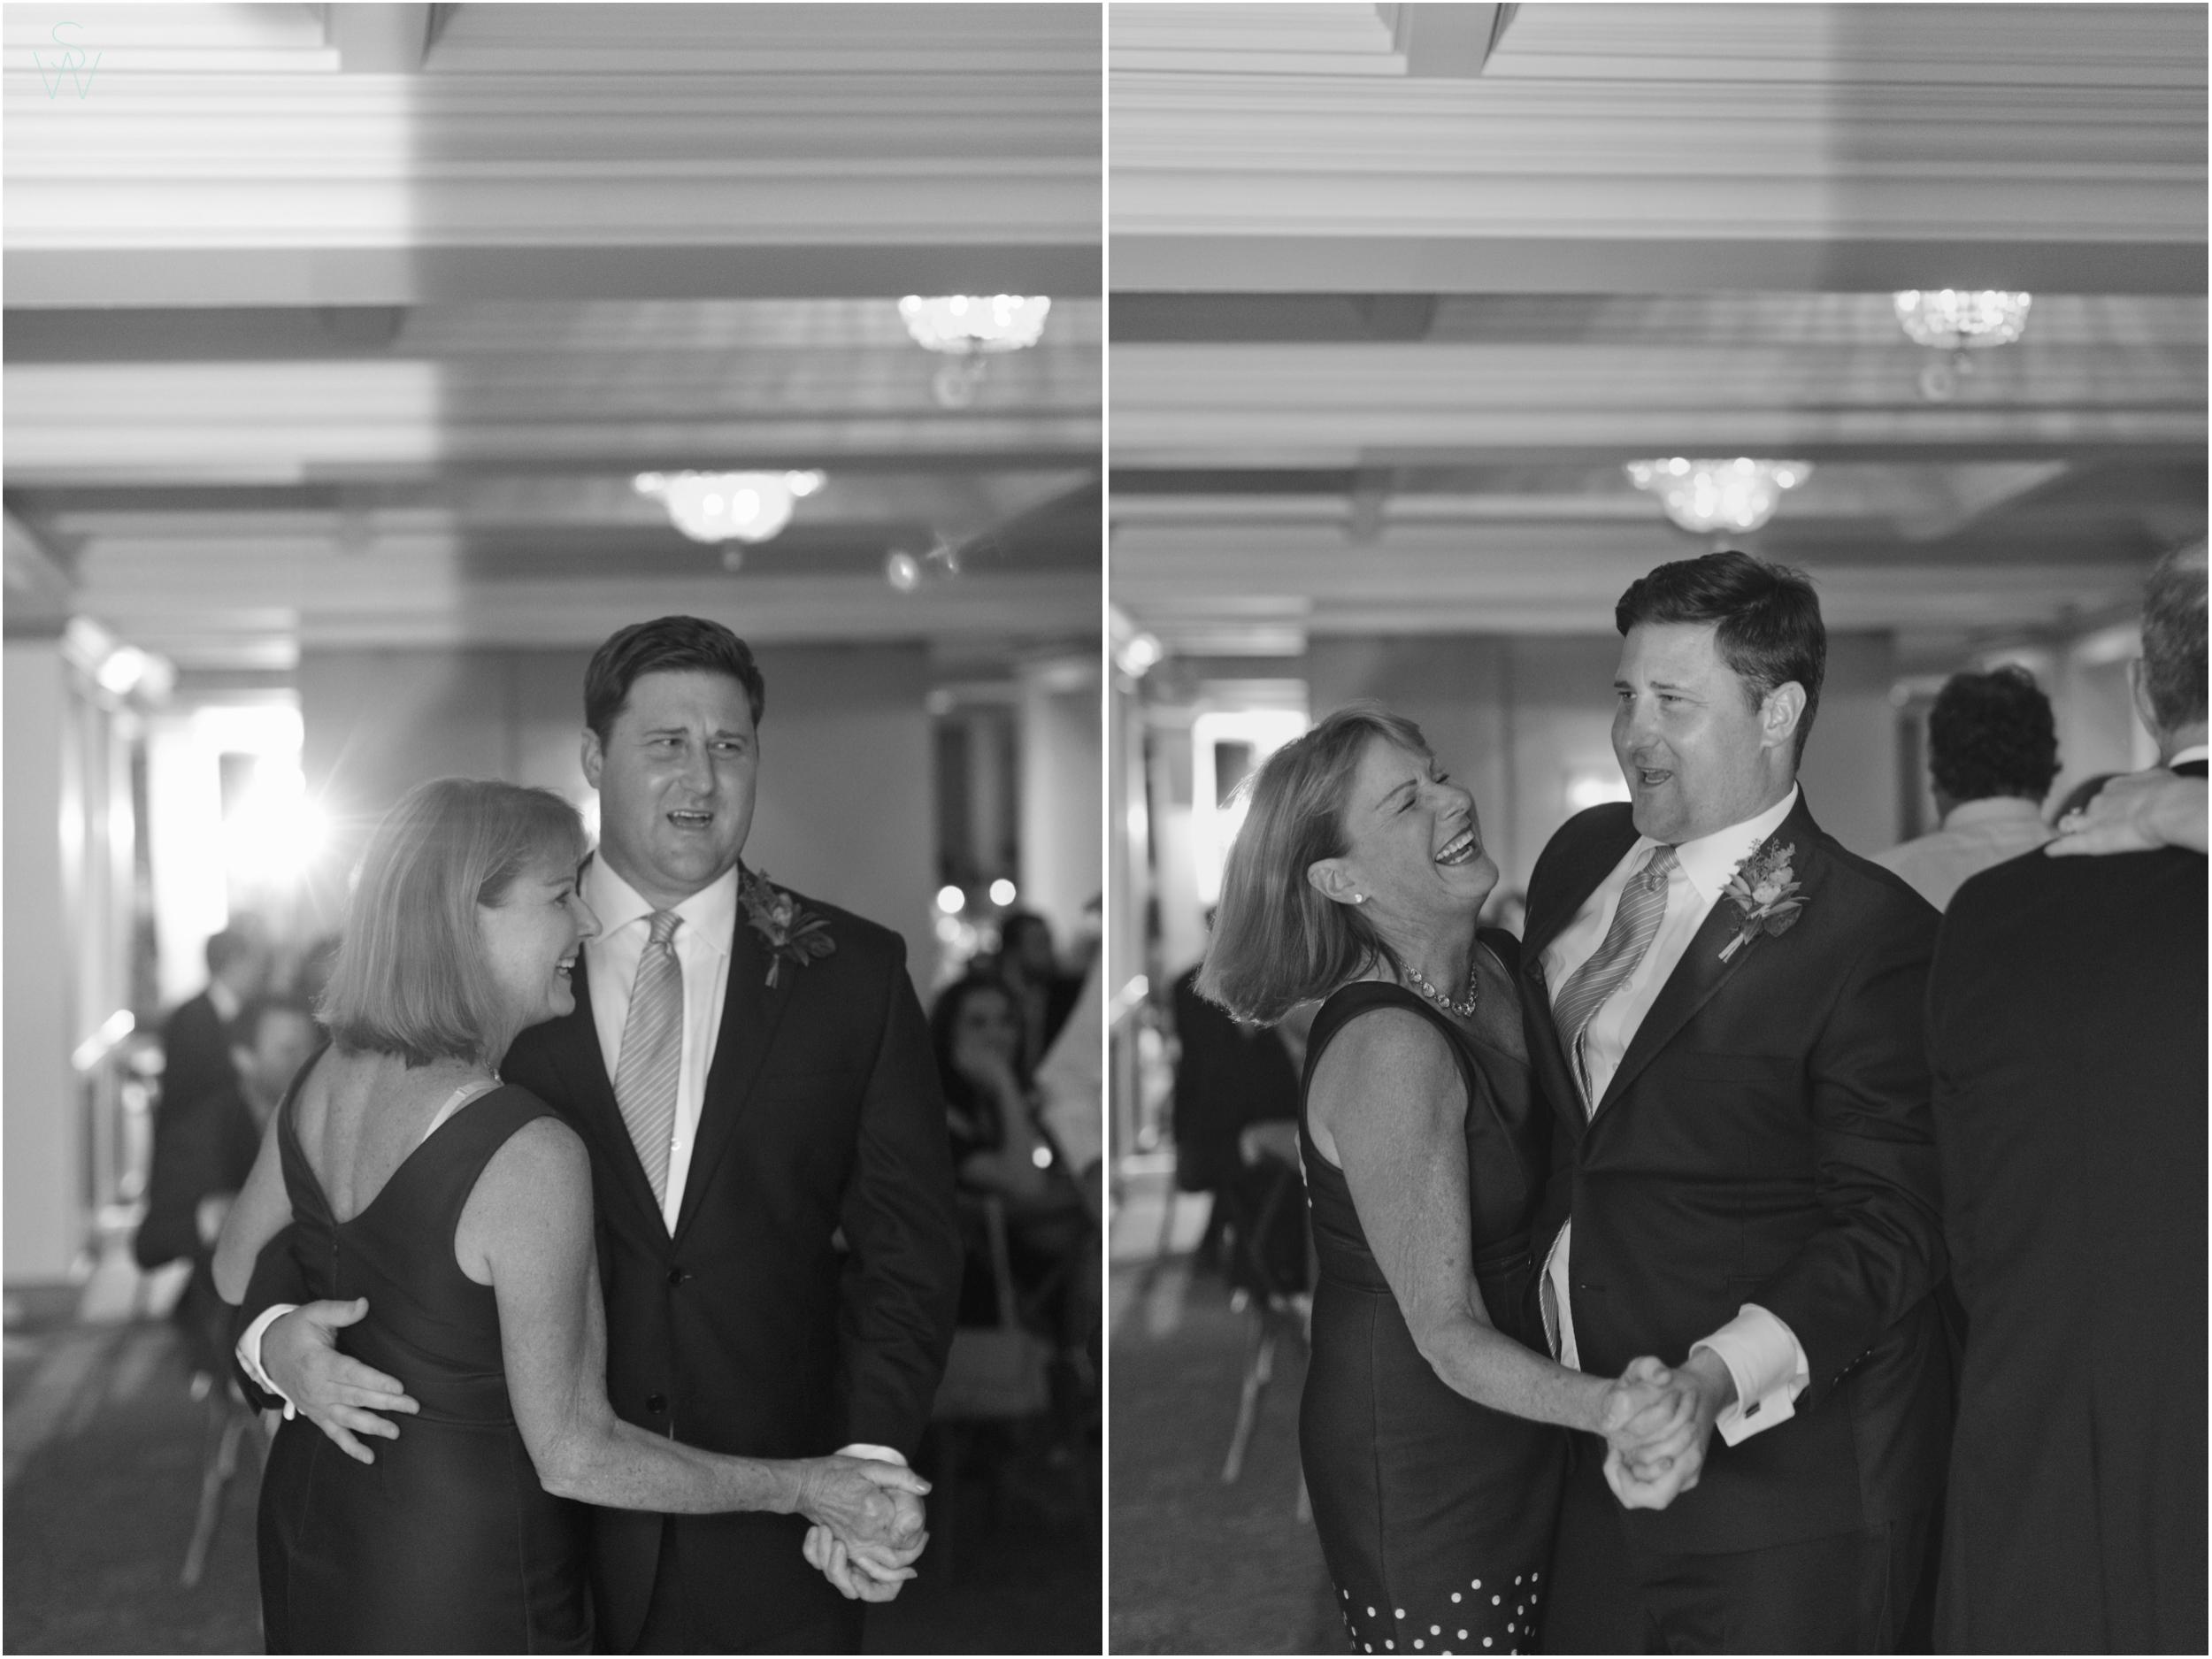 Colleen.Kyle20190122Shewanders.granddelmar.wedding 0516.jpg